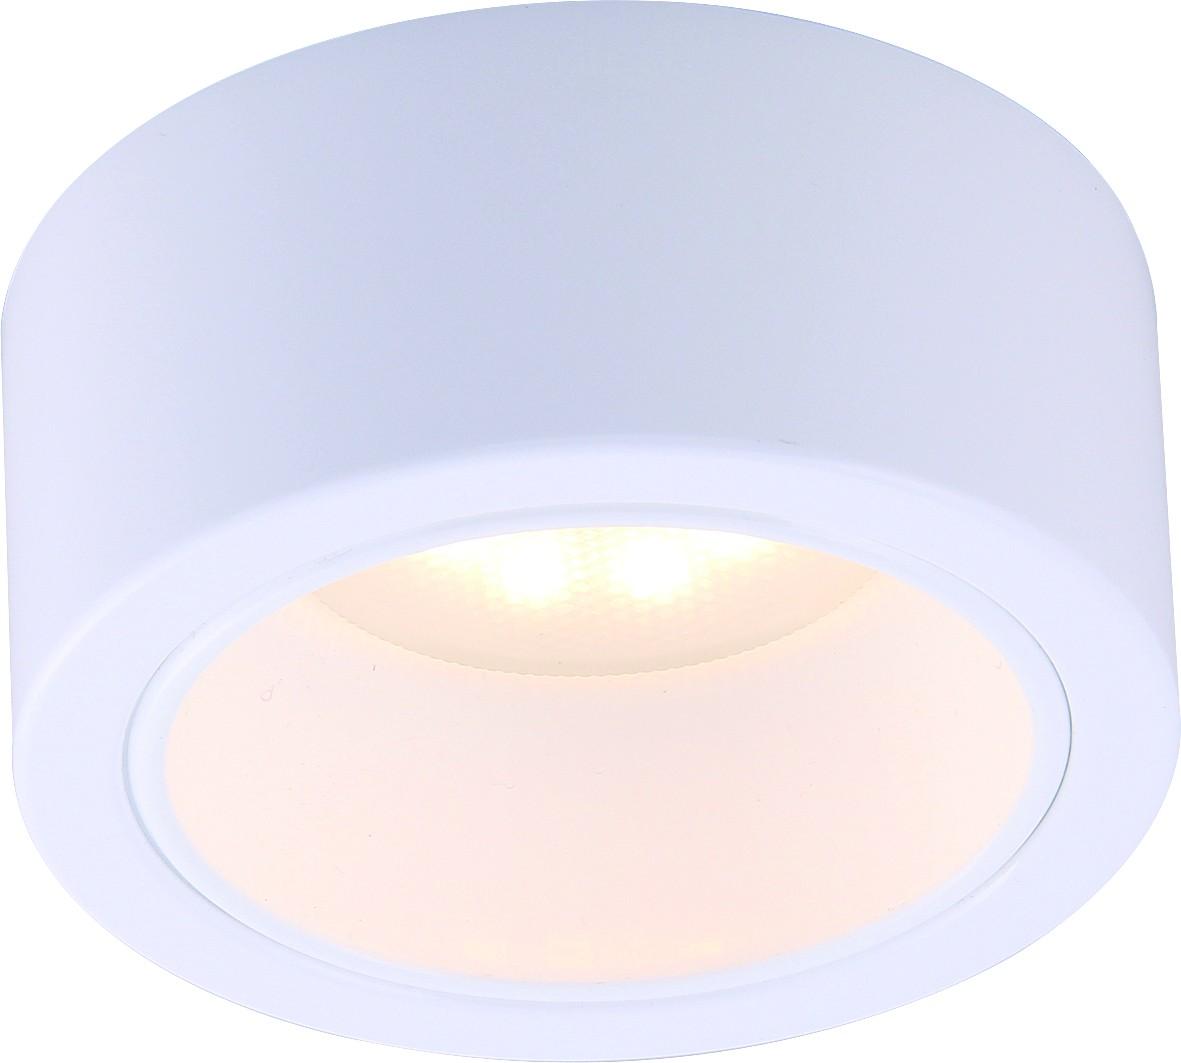 Светильник встраиваемый Arte lamp A5553pl-1wh встраиваемый светильник arte lamp cielo a7314pl 1wh